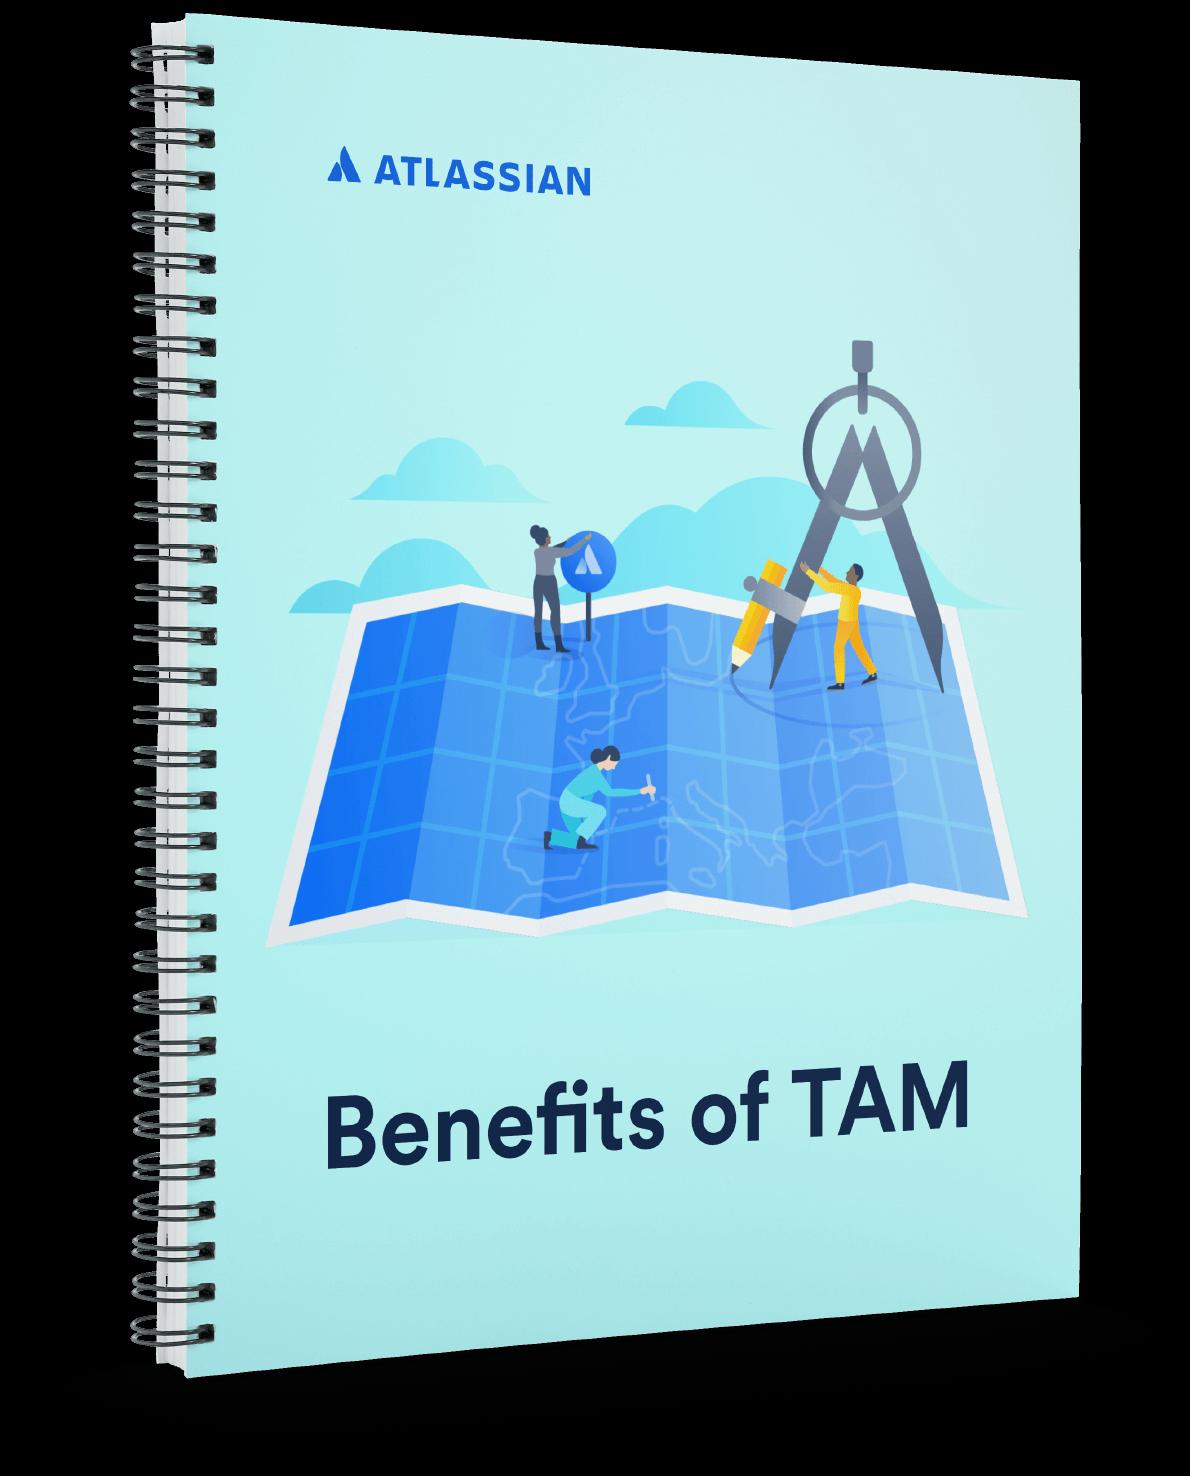 Couverture du livret Benefits of TAM